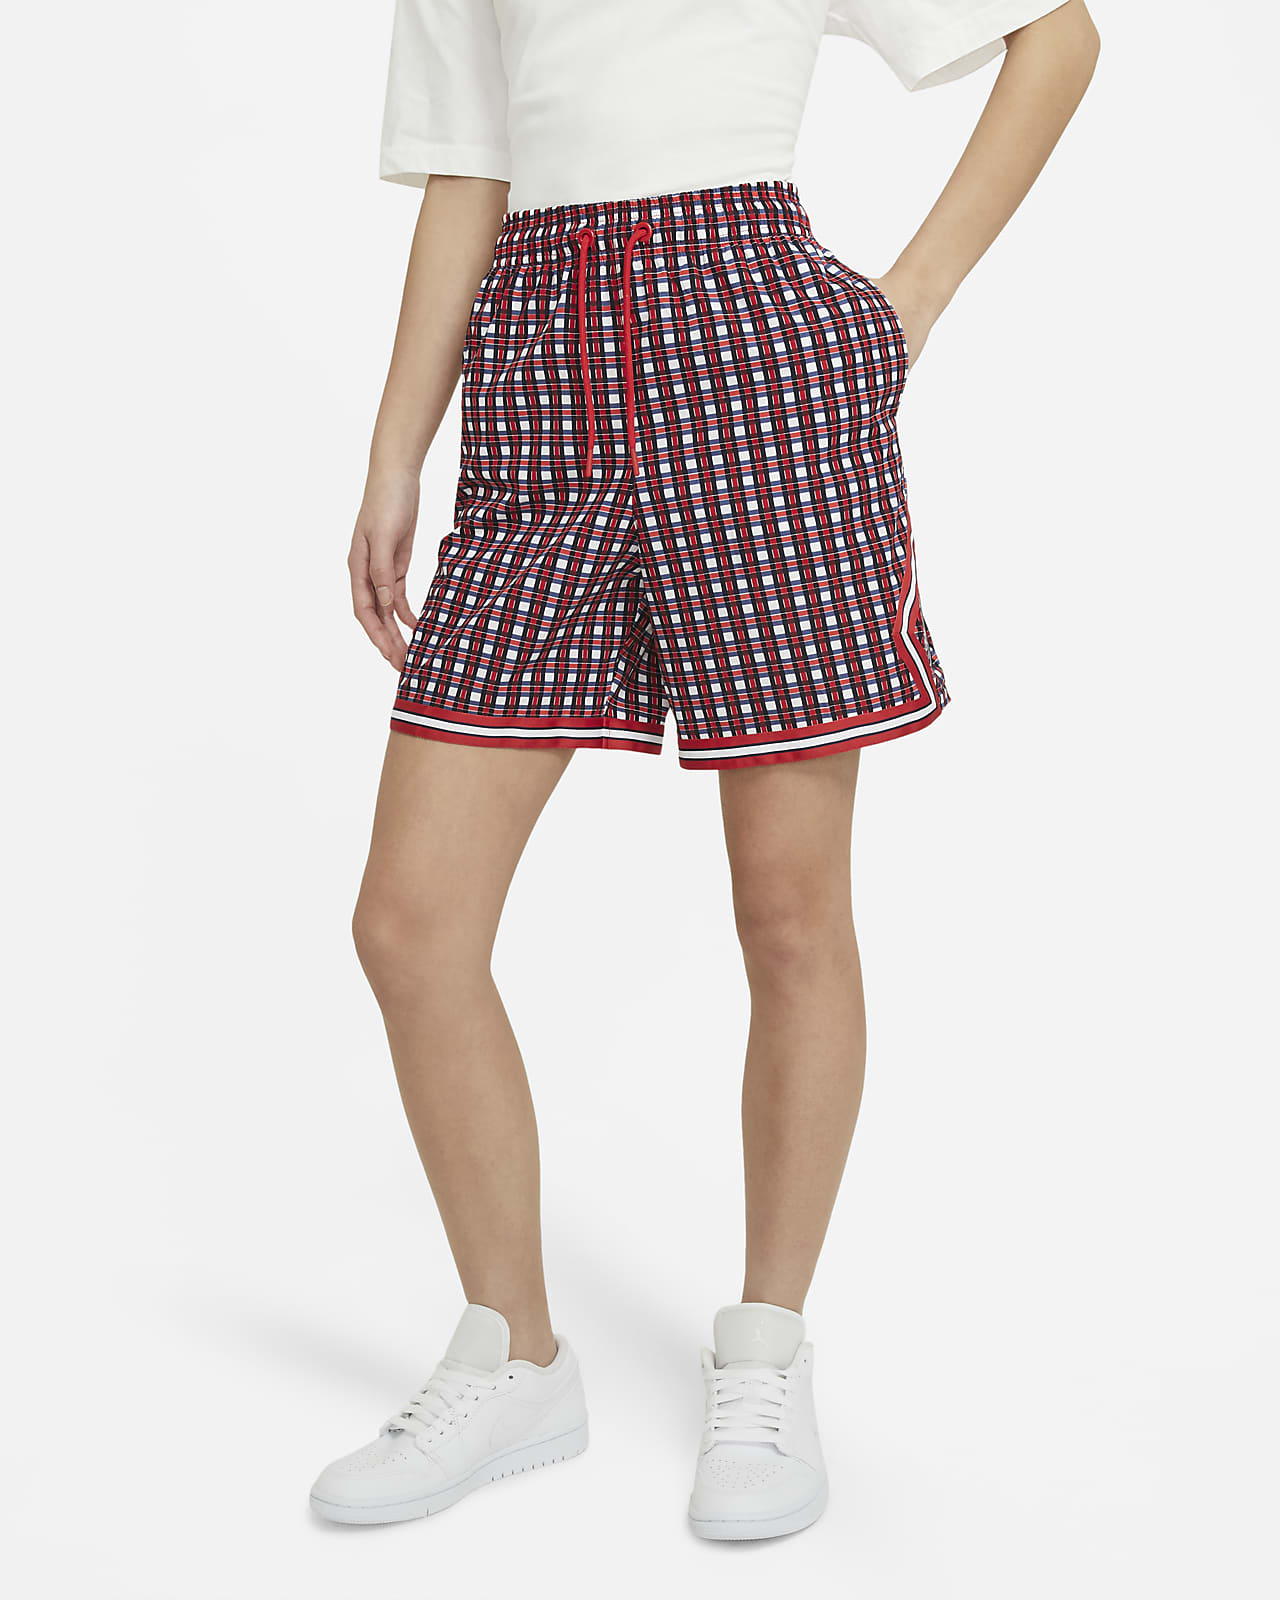 Shorts de tejido Woven para mujer del Paris Saint-Germain